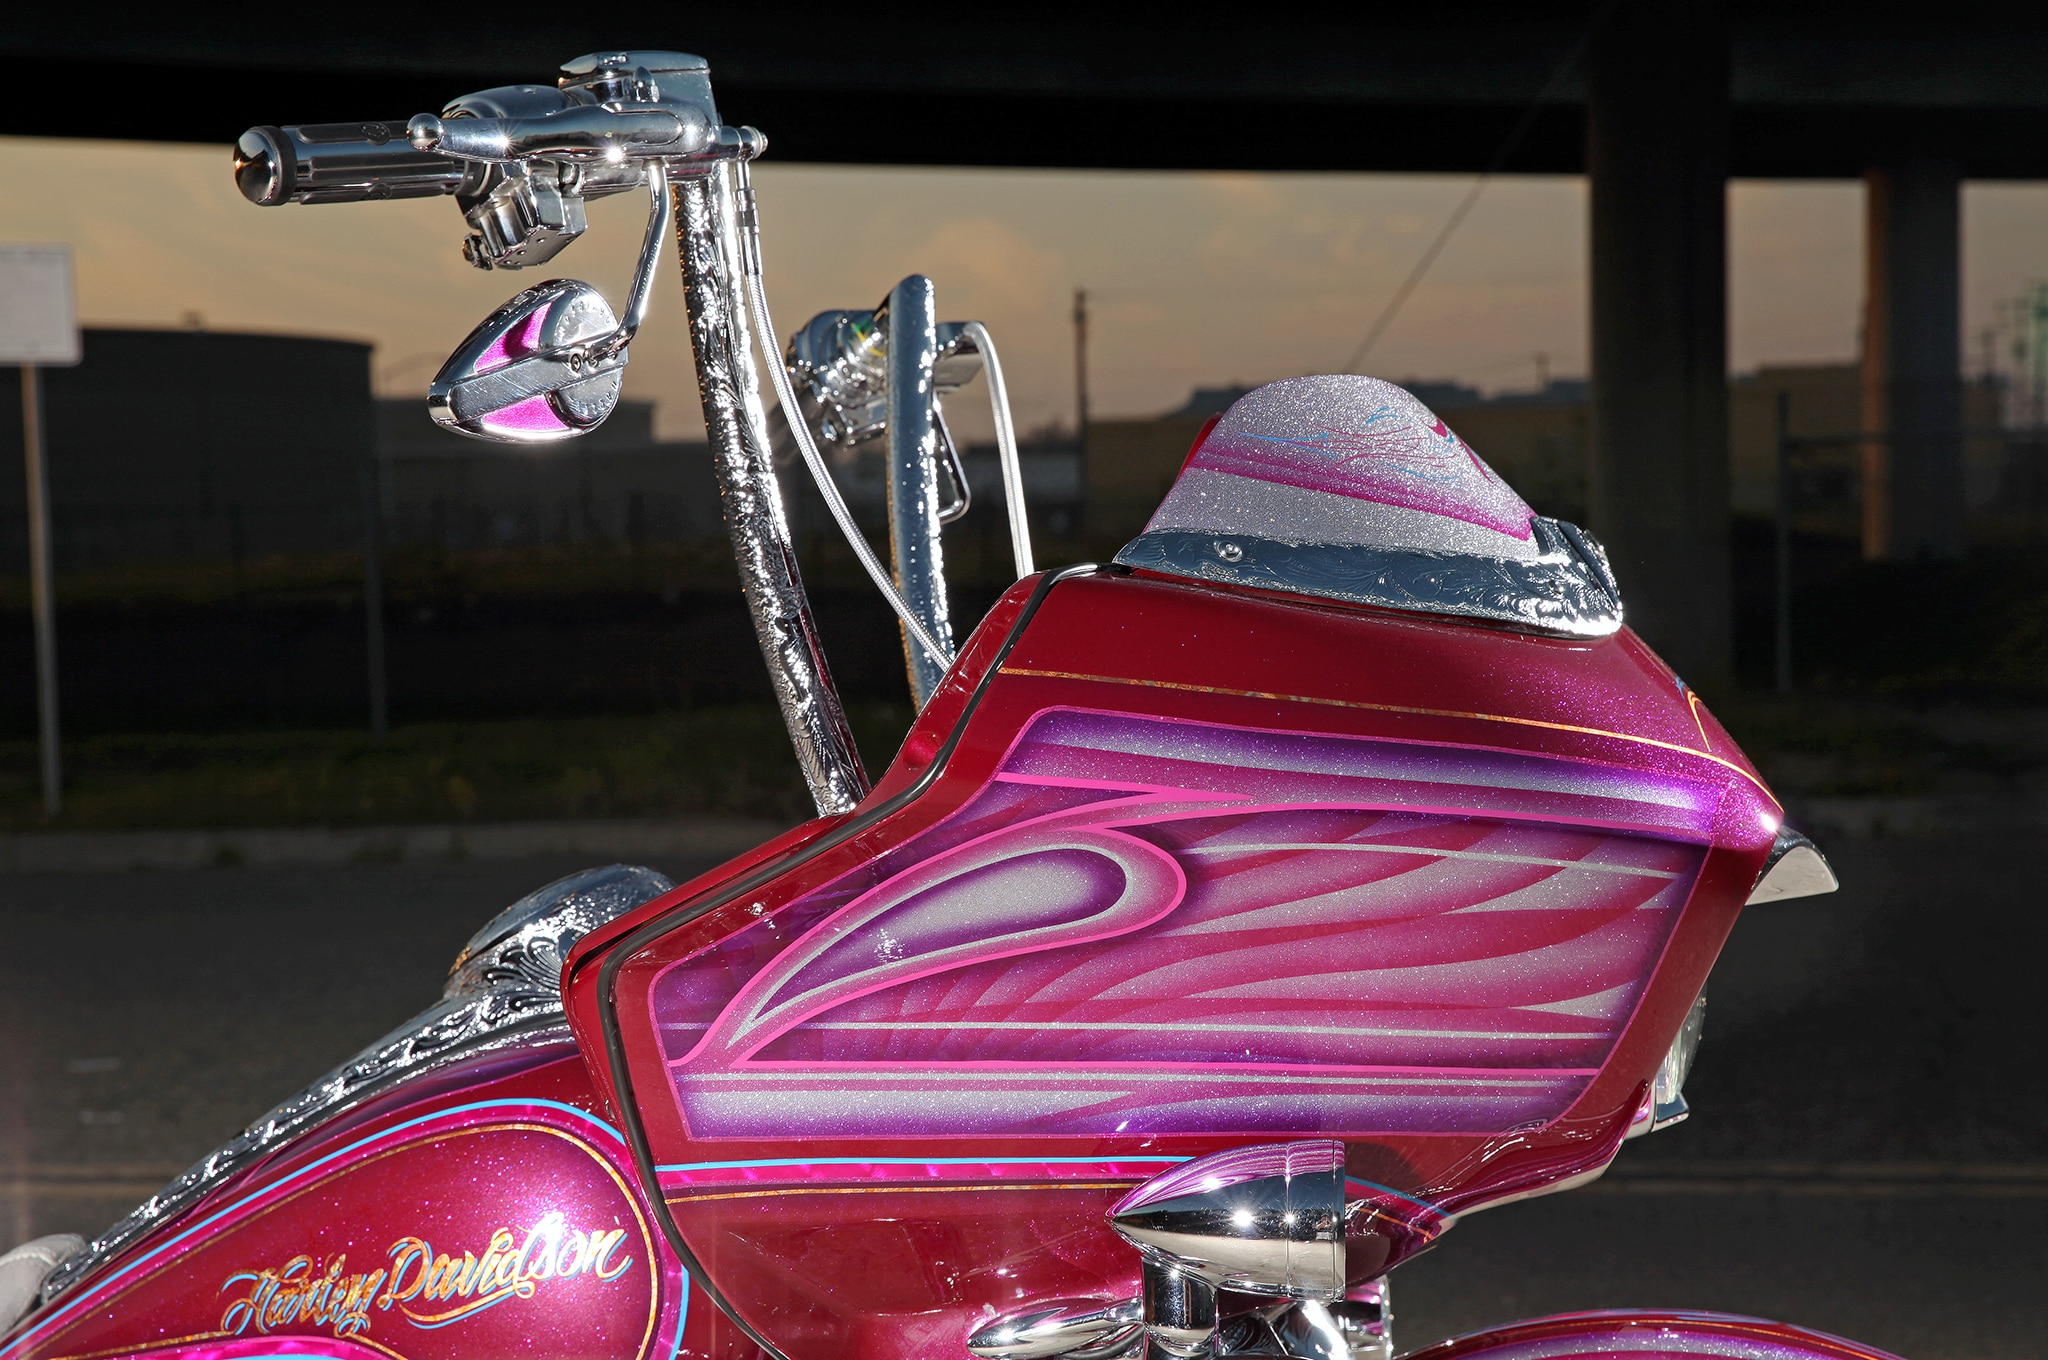 Amps Harley Davidson Road Glide